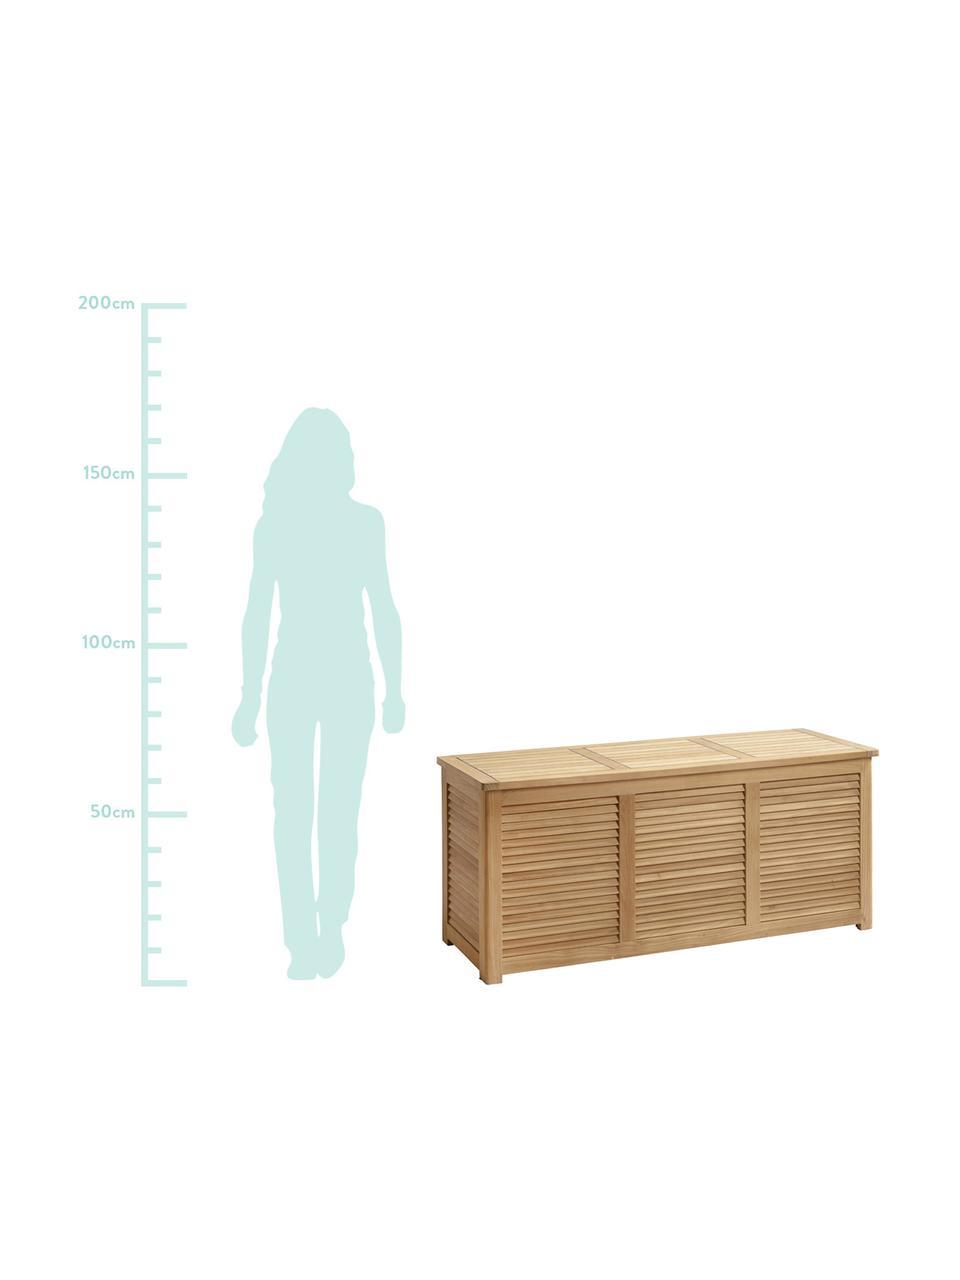 Skrzynia do przechowywania z drewna Storage, Drewno tekowe, piaskowane, Drewno tekowe, S 130 x W 60 cm